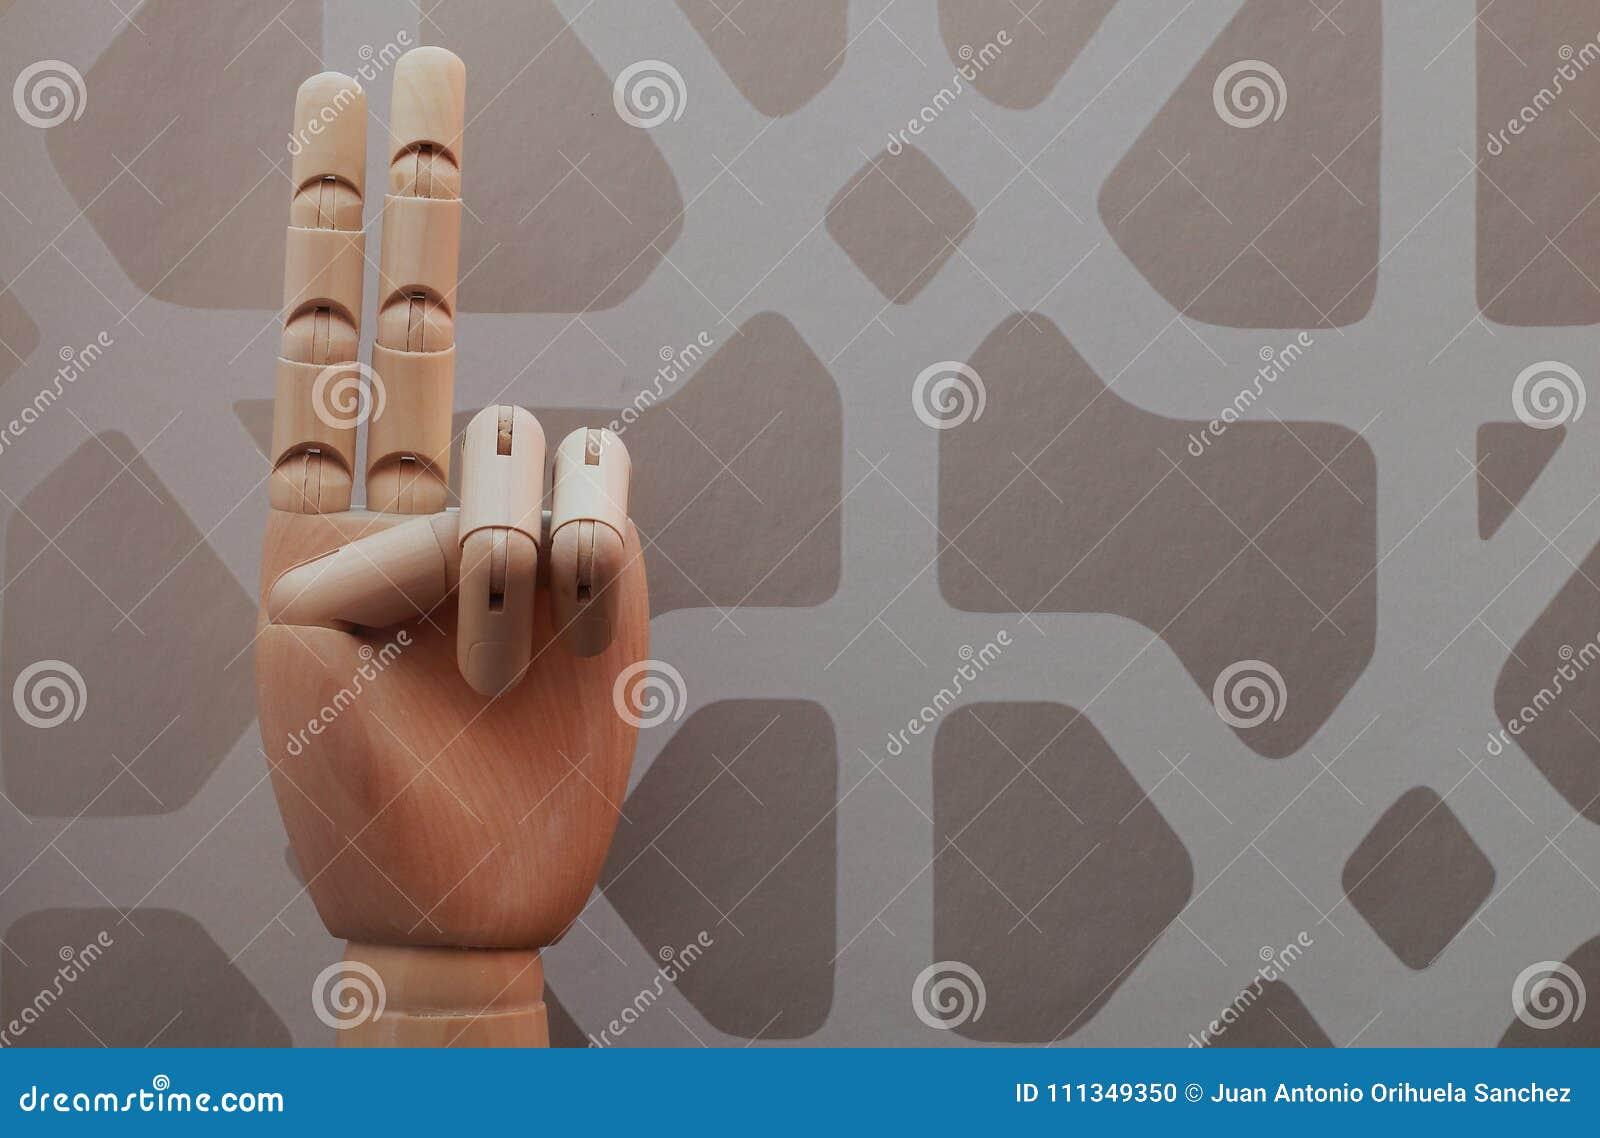 Den artikulerade trähanden med två fingrar lyftte i allusion till nummer två